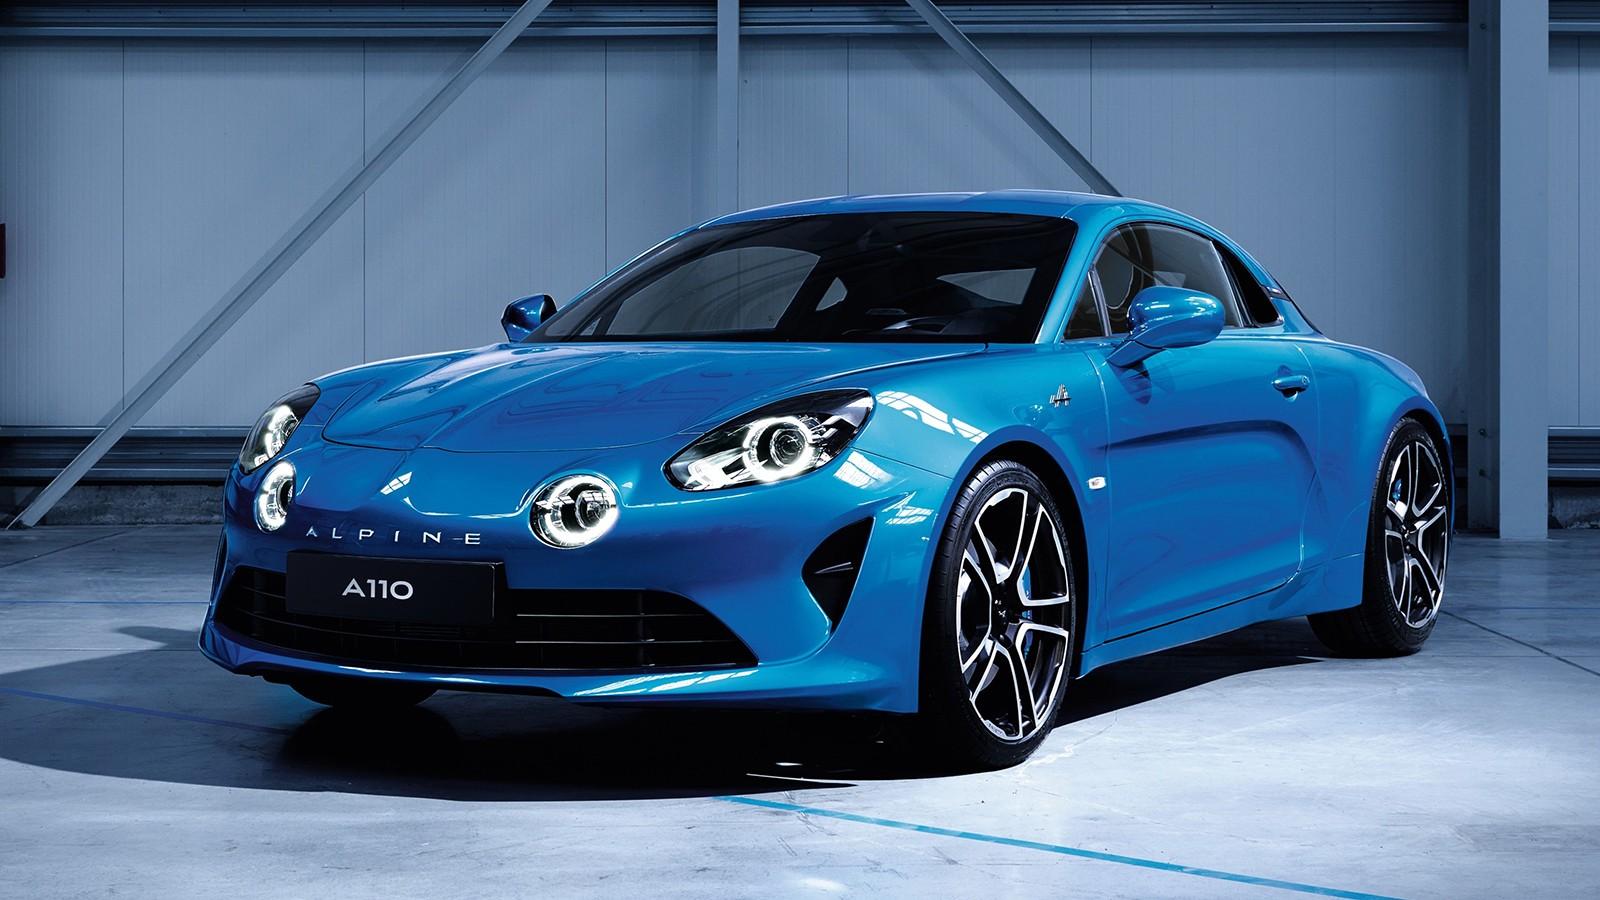 Внешность серийной модели выполнена по мотивам концептуального купе Alpine Vision Concept